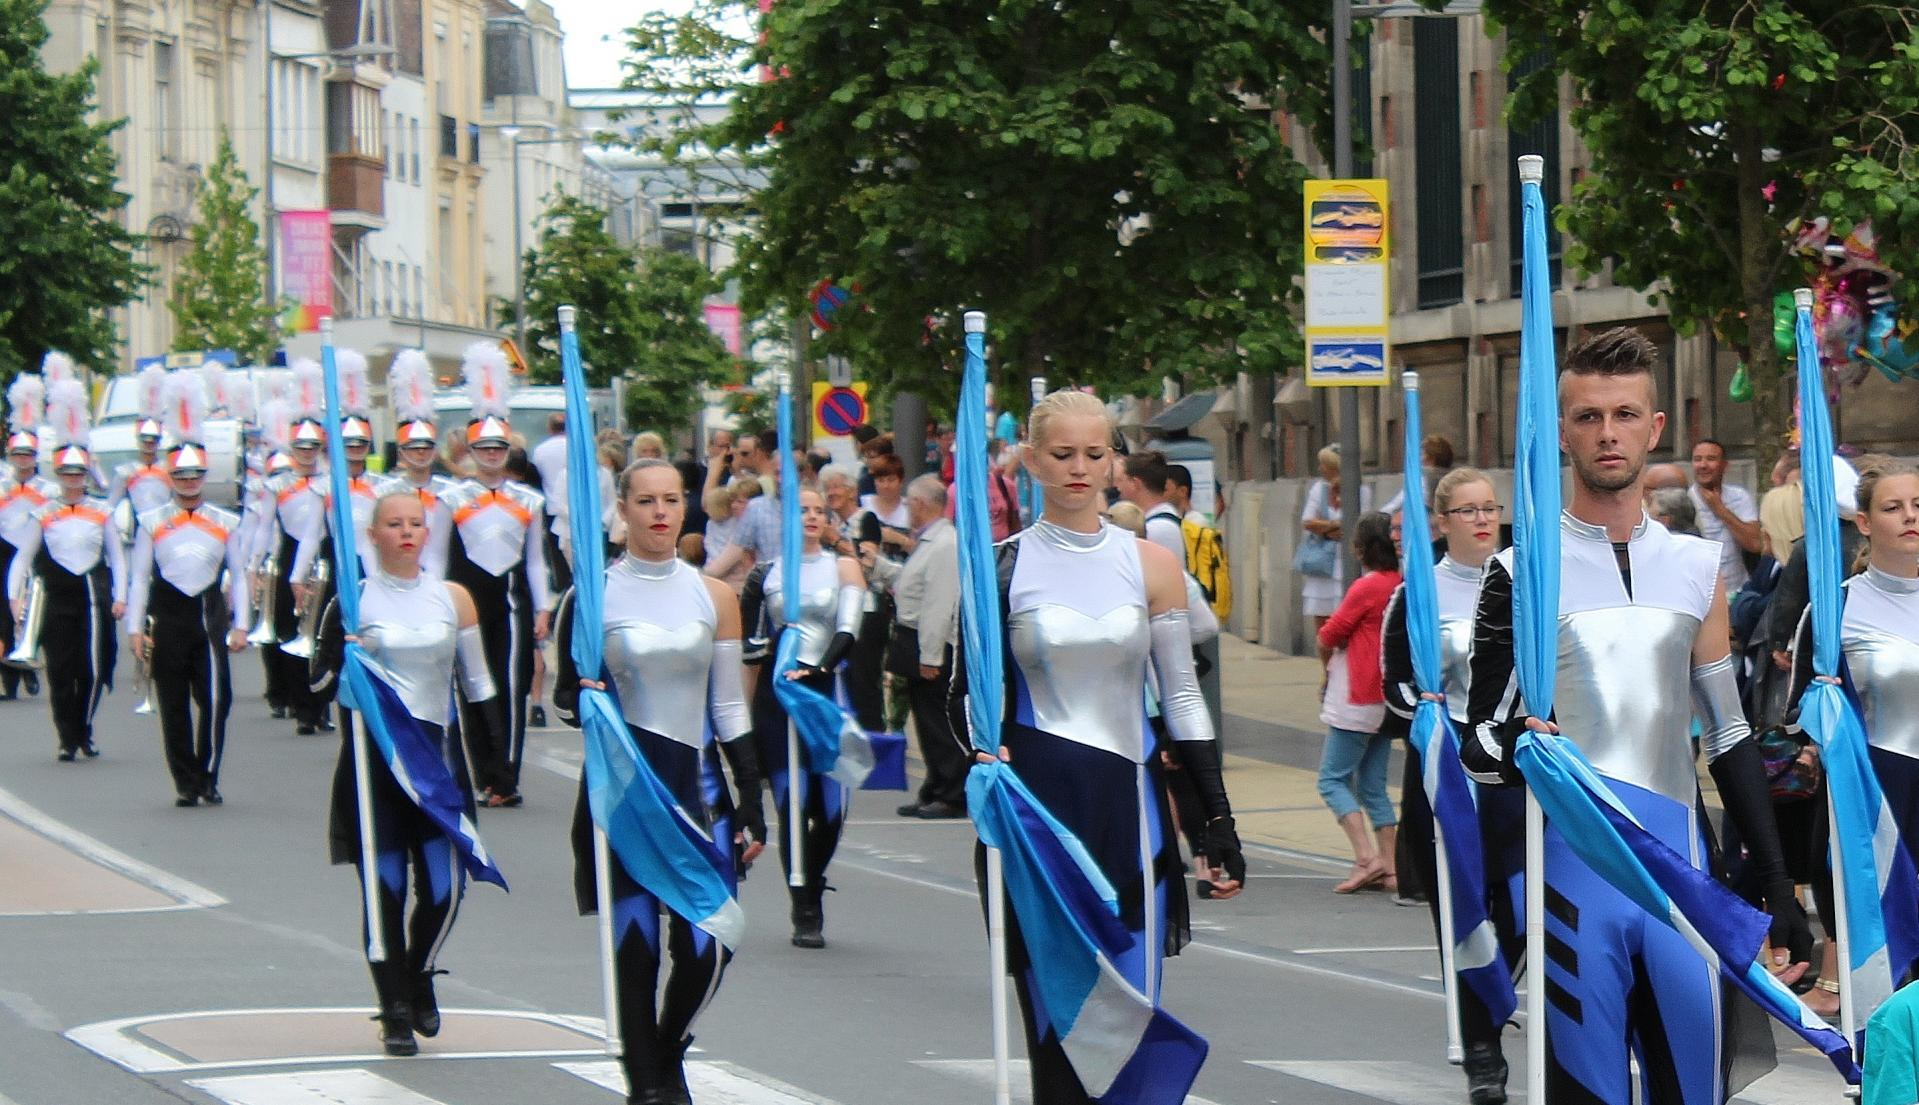 Calais grande parade musicale de calais anime l ete 27